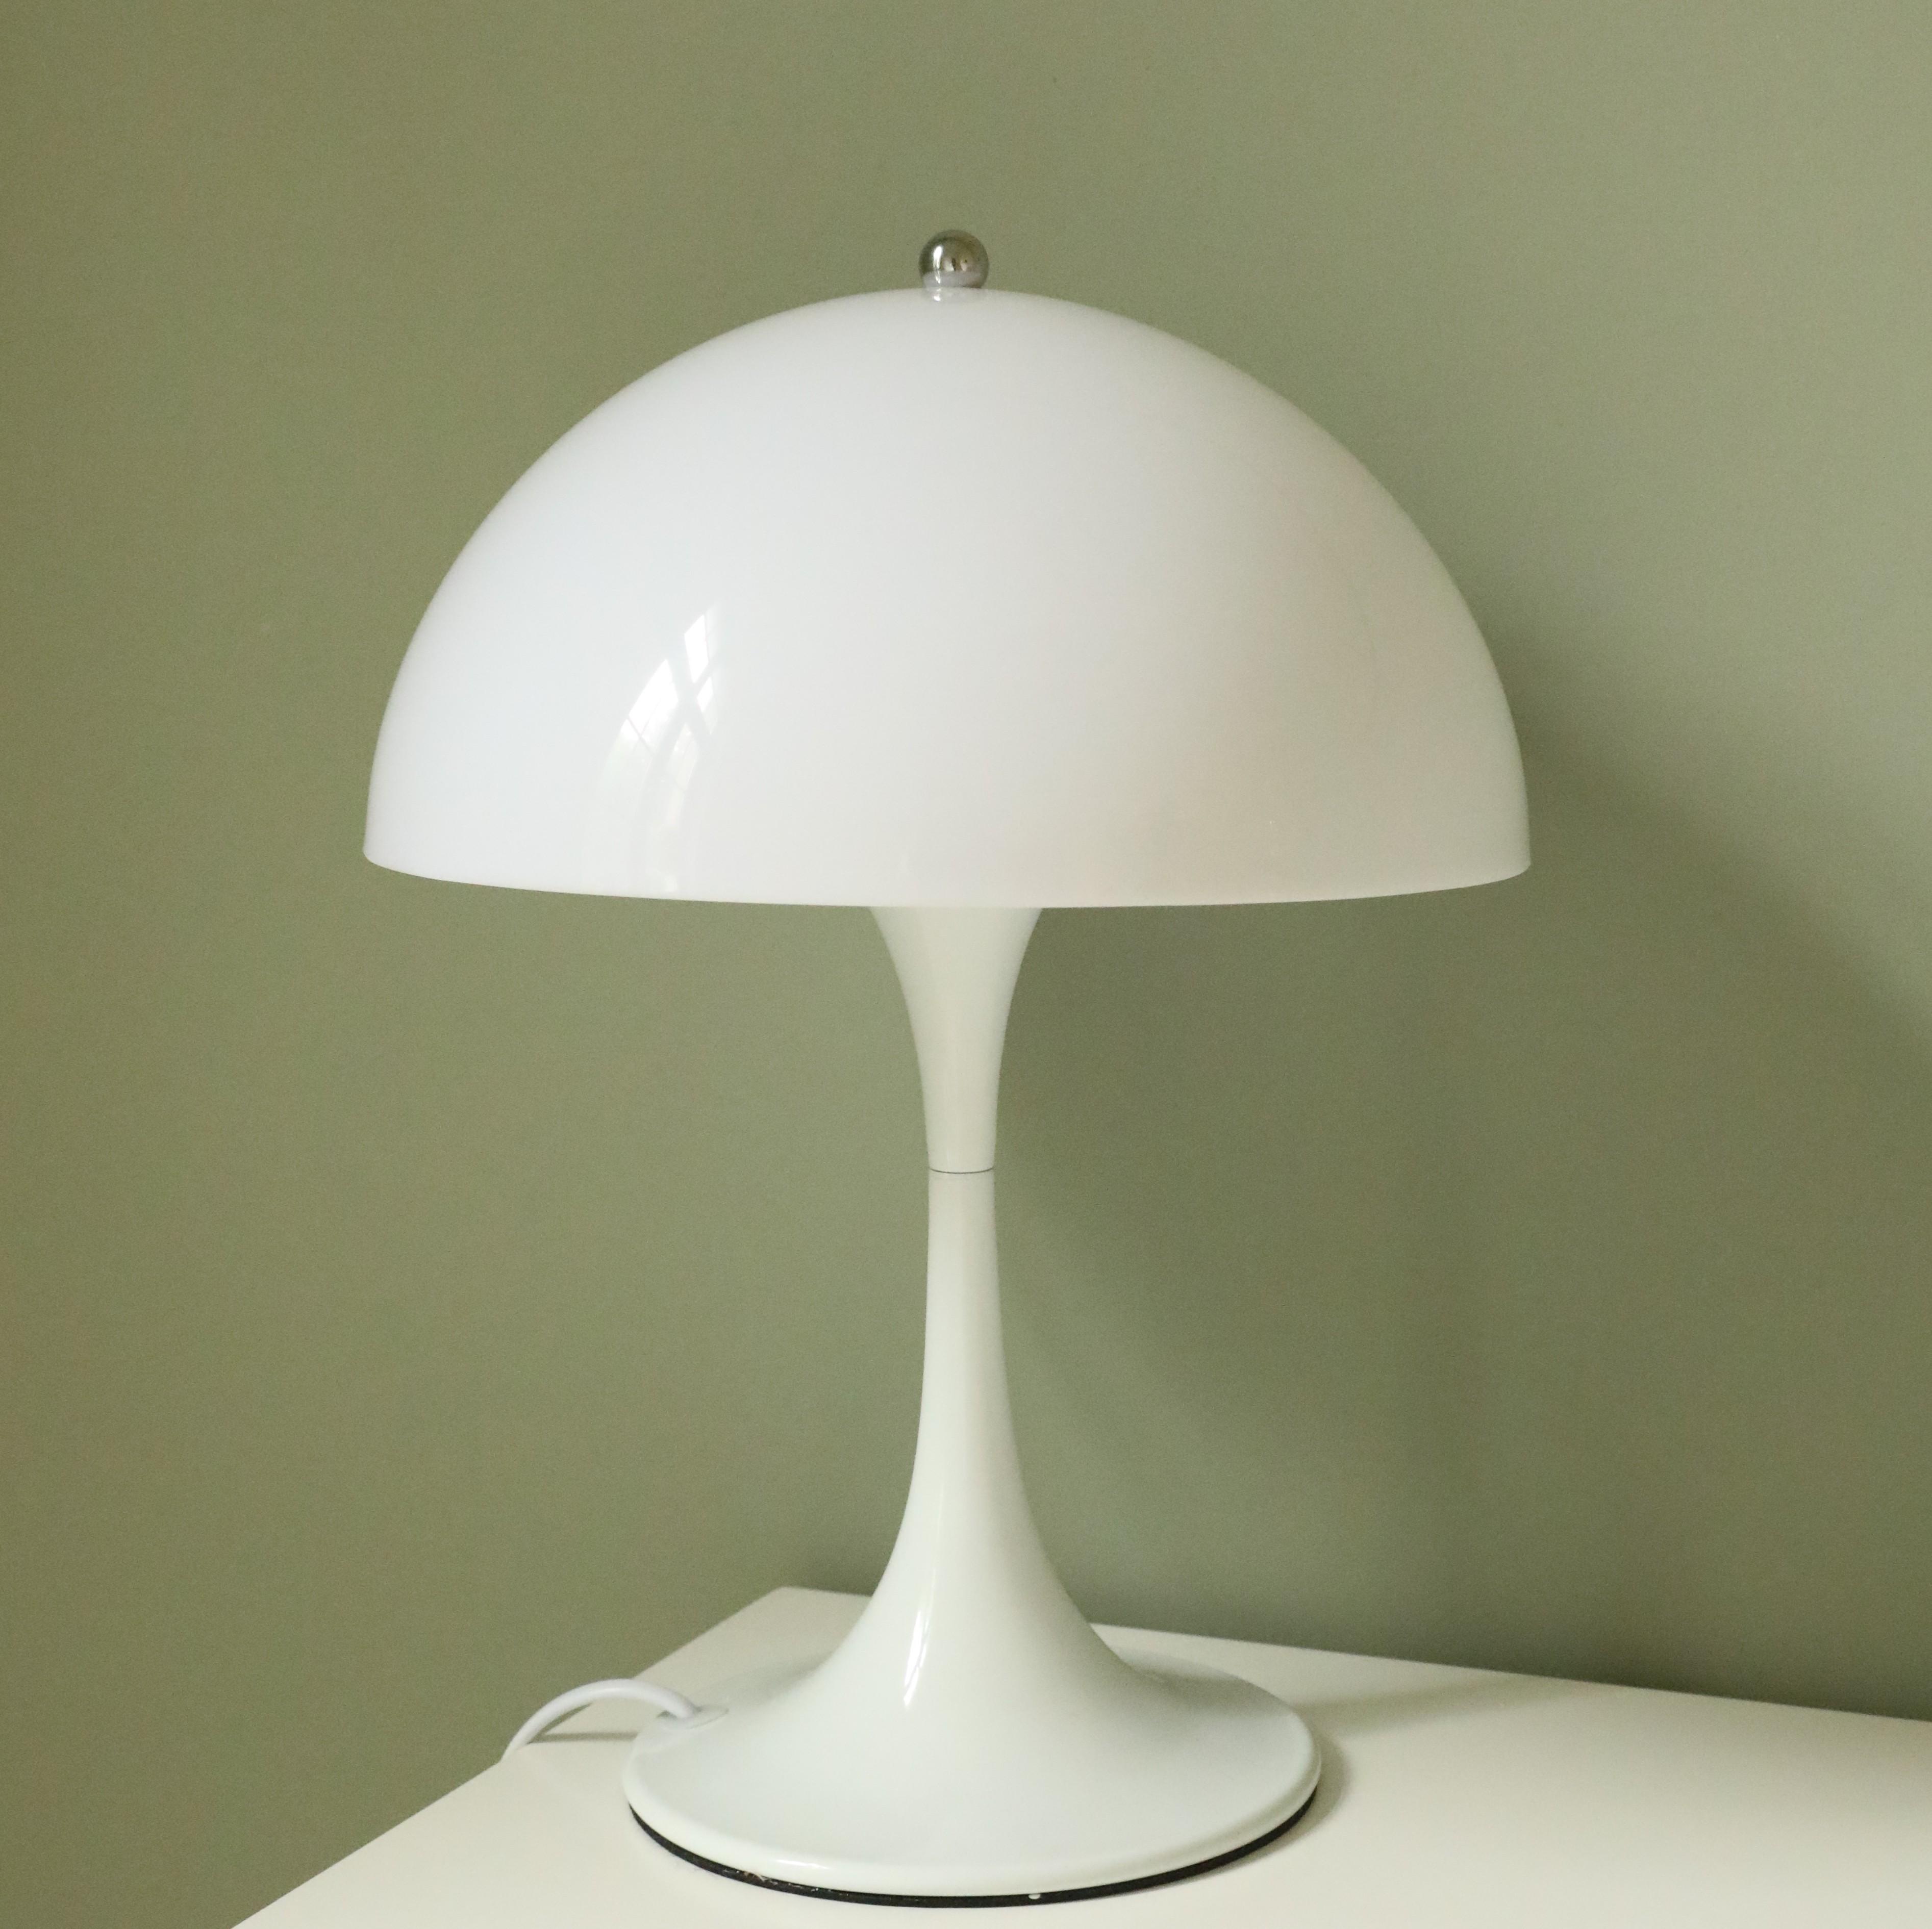 广东中山挑回来优选蘑菇台灯集木室物所